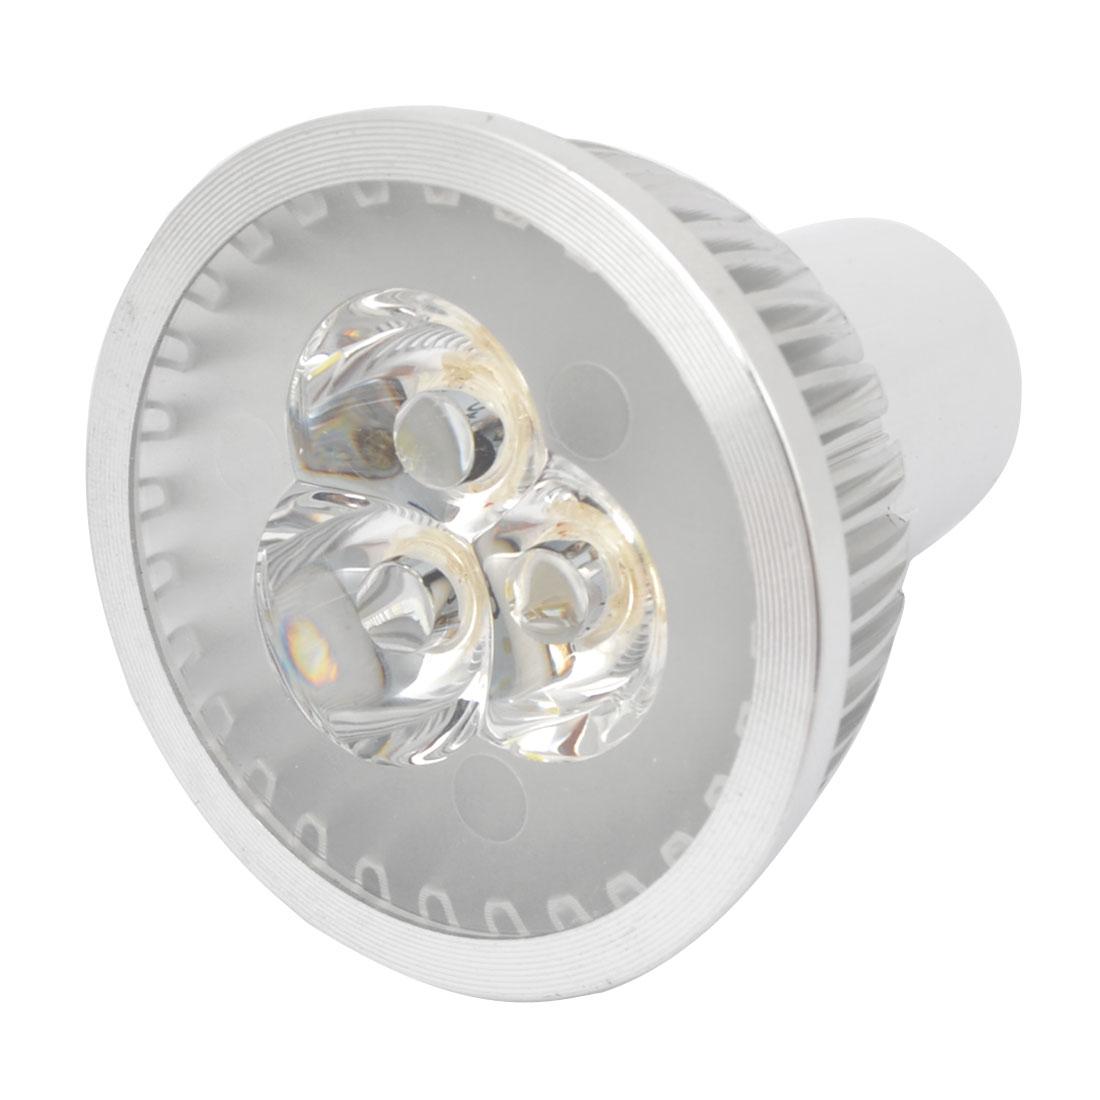 AC 85-265V 3W MR16 Socket White Round Head 3 LEDs Spotlight Bulb Lamp